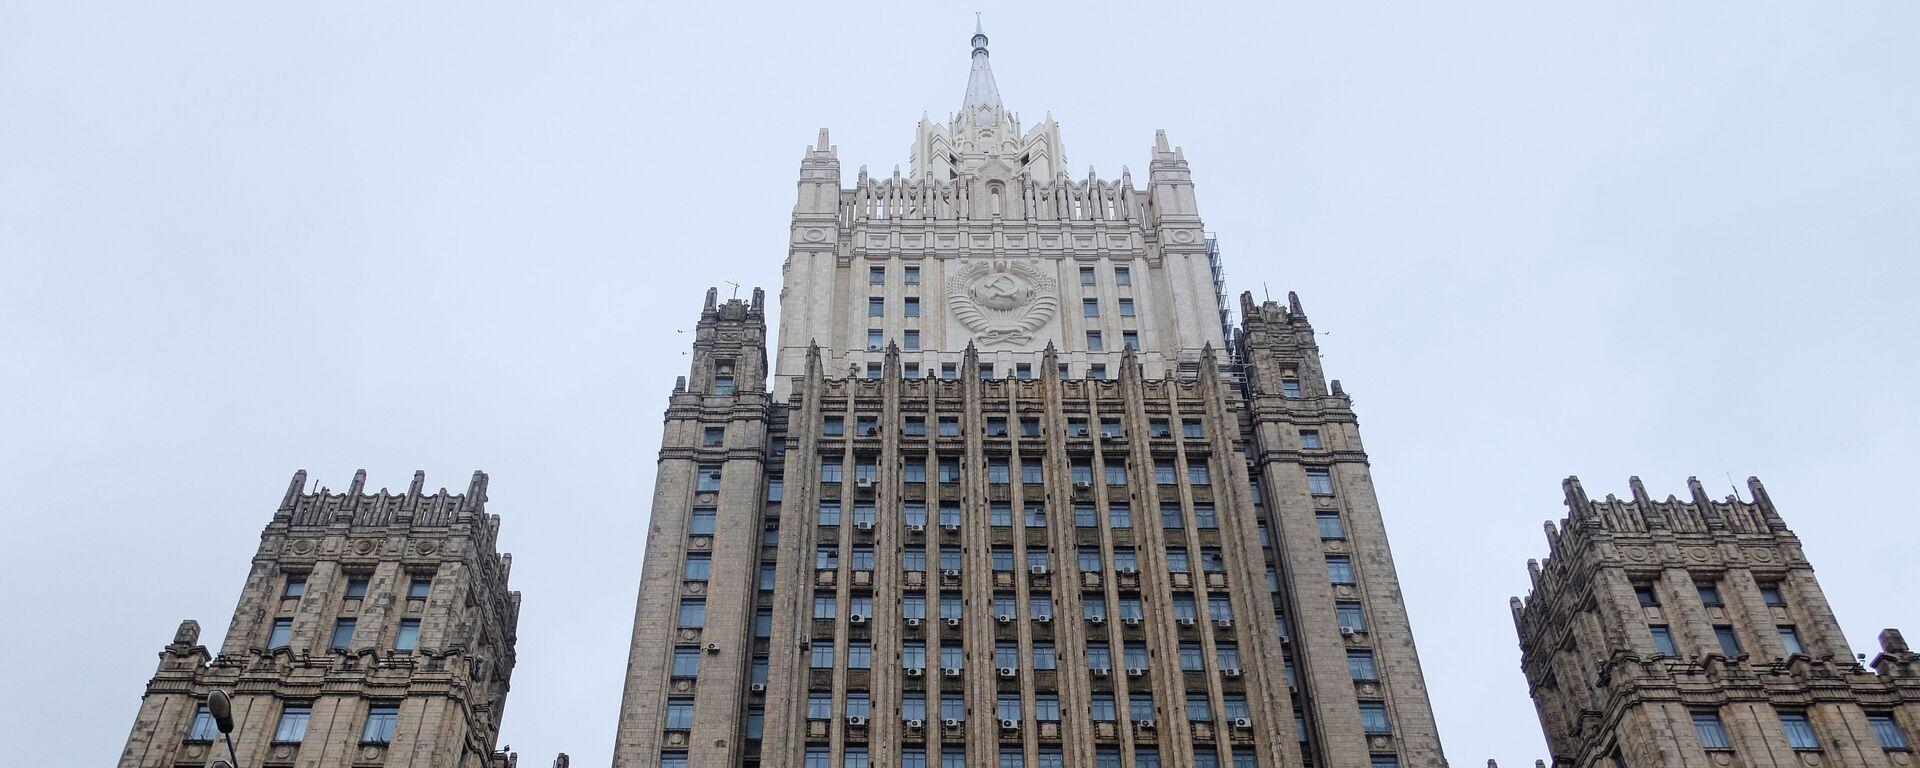 Министерство иностранных дел России - Sputnik Грузия, 1920, 26.04.2021